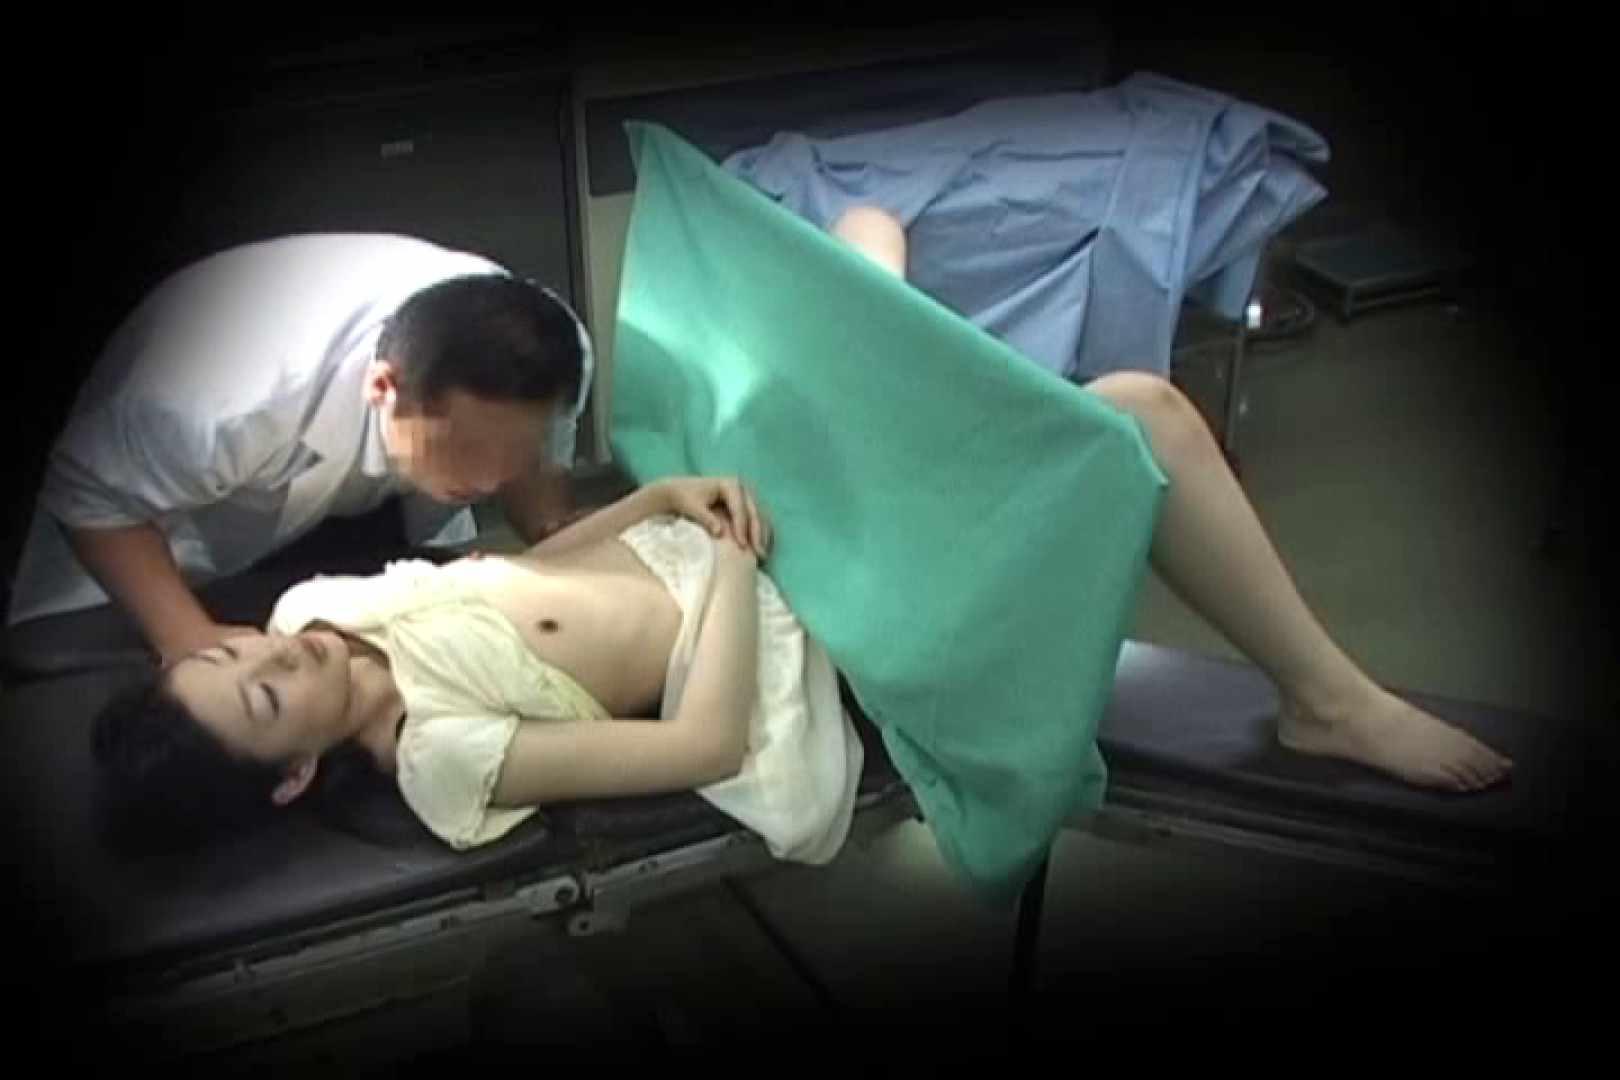 はらませ変態医師!受精完了!!Vol.6 エロティックなOL | ワルノリ  61画像 37